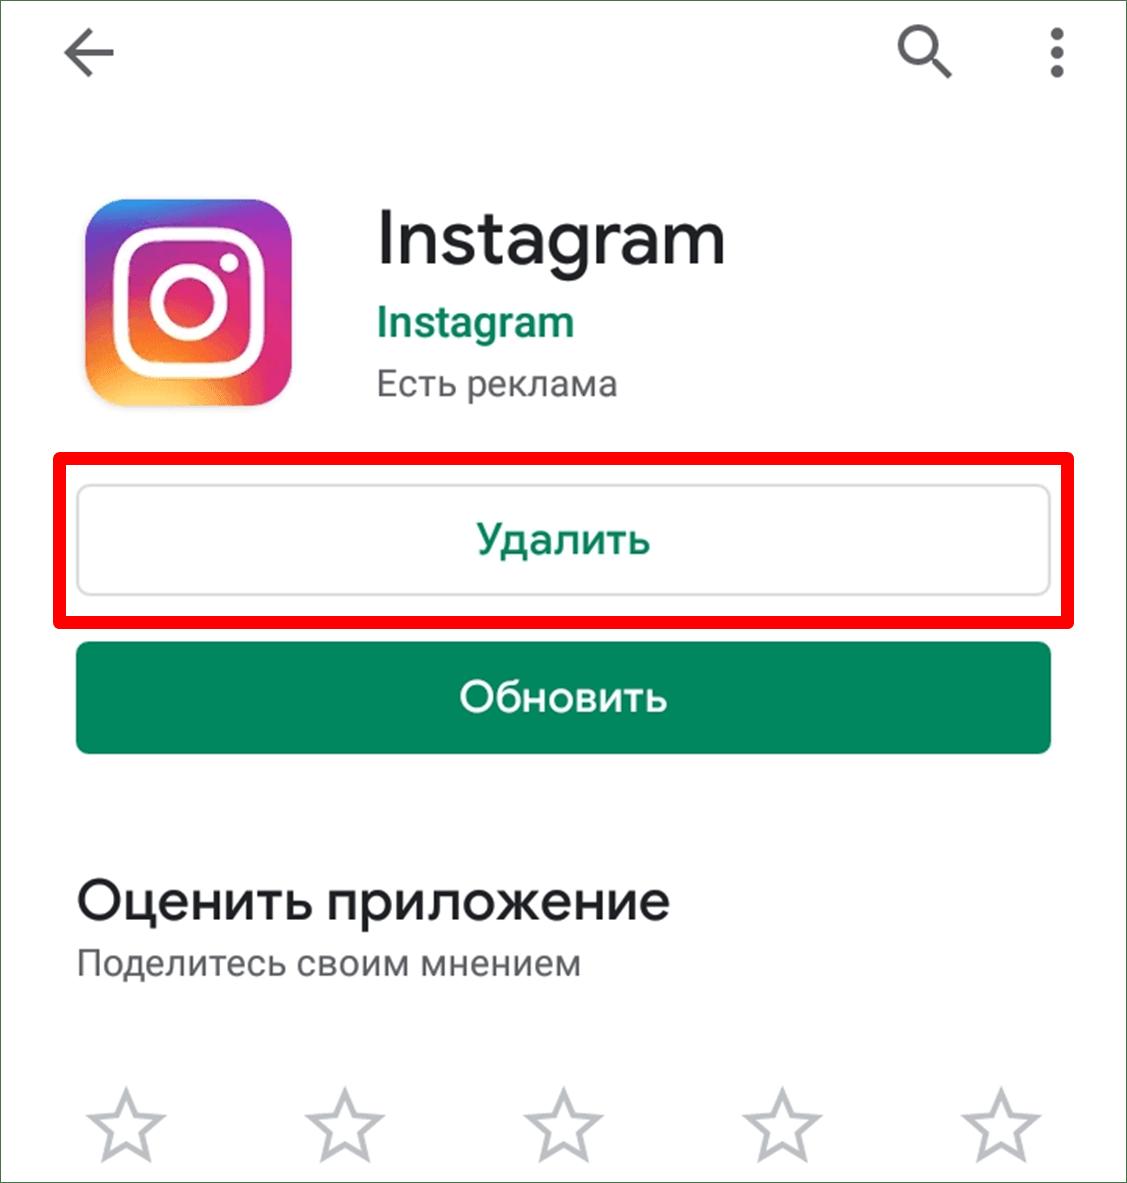 Не получается открыть Instagram. Как решить проблему?